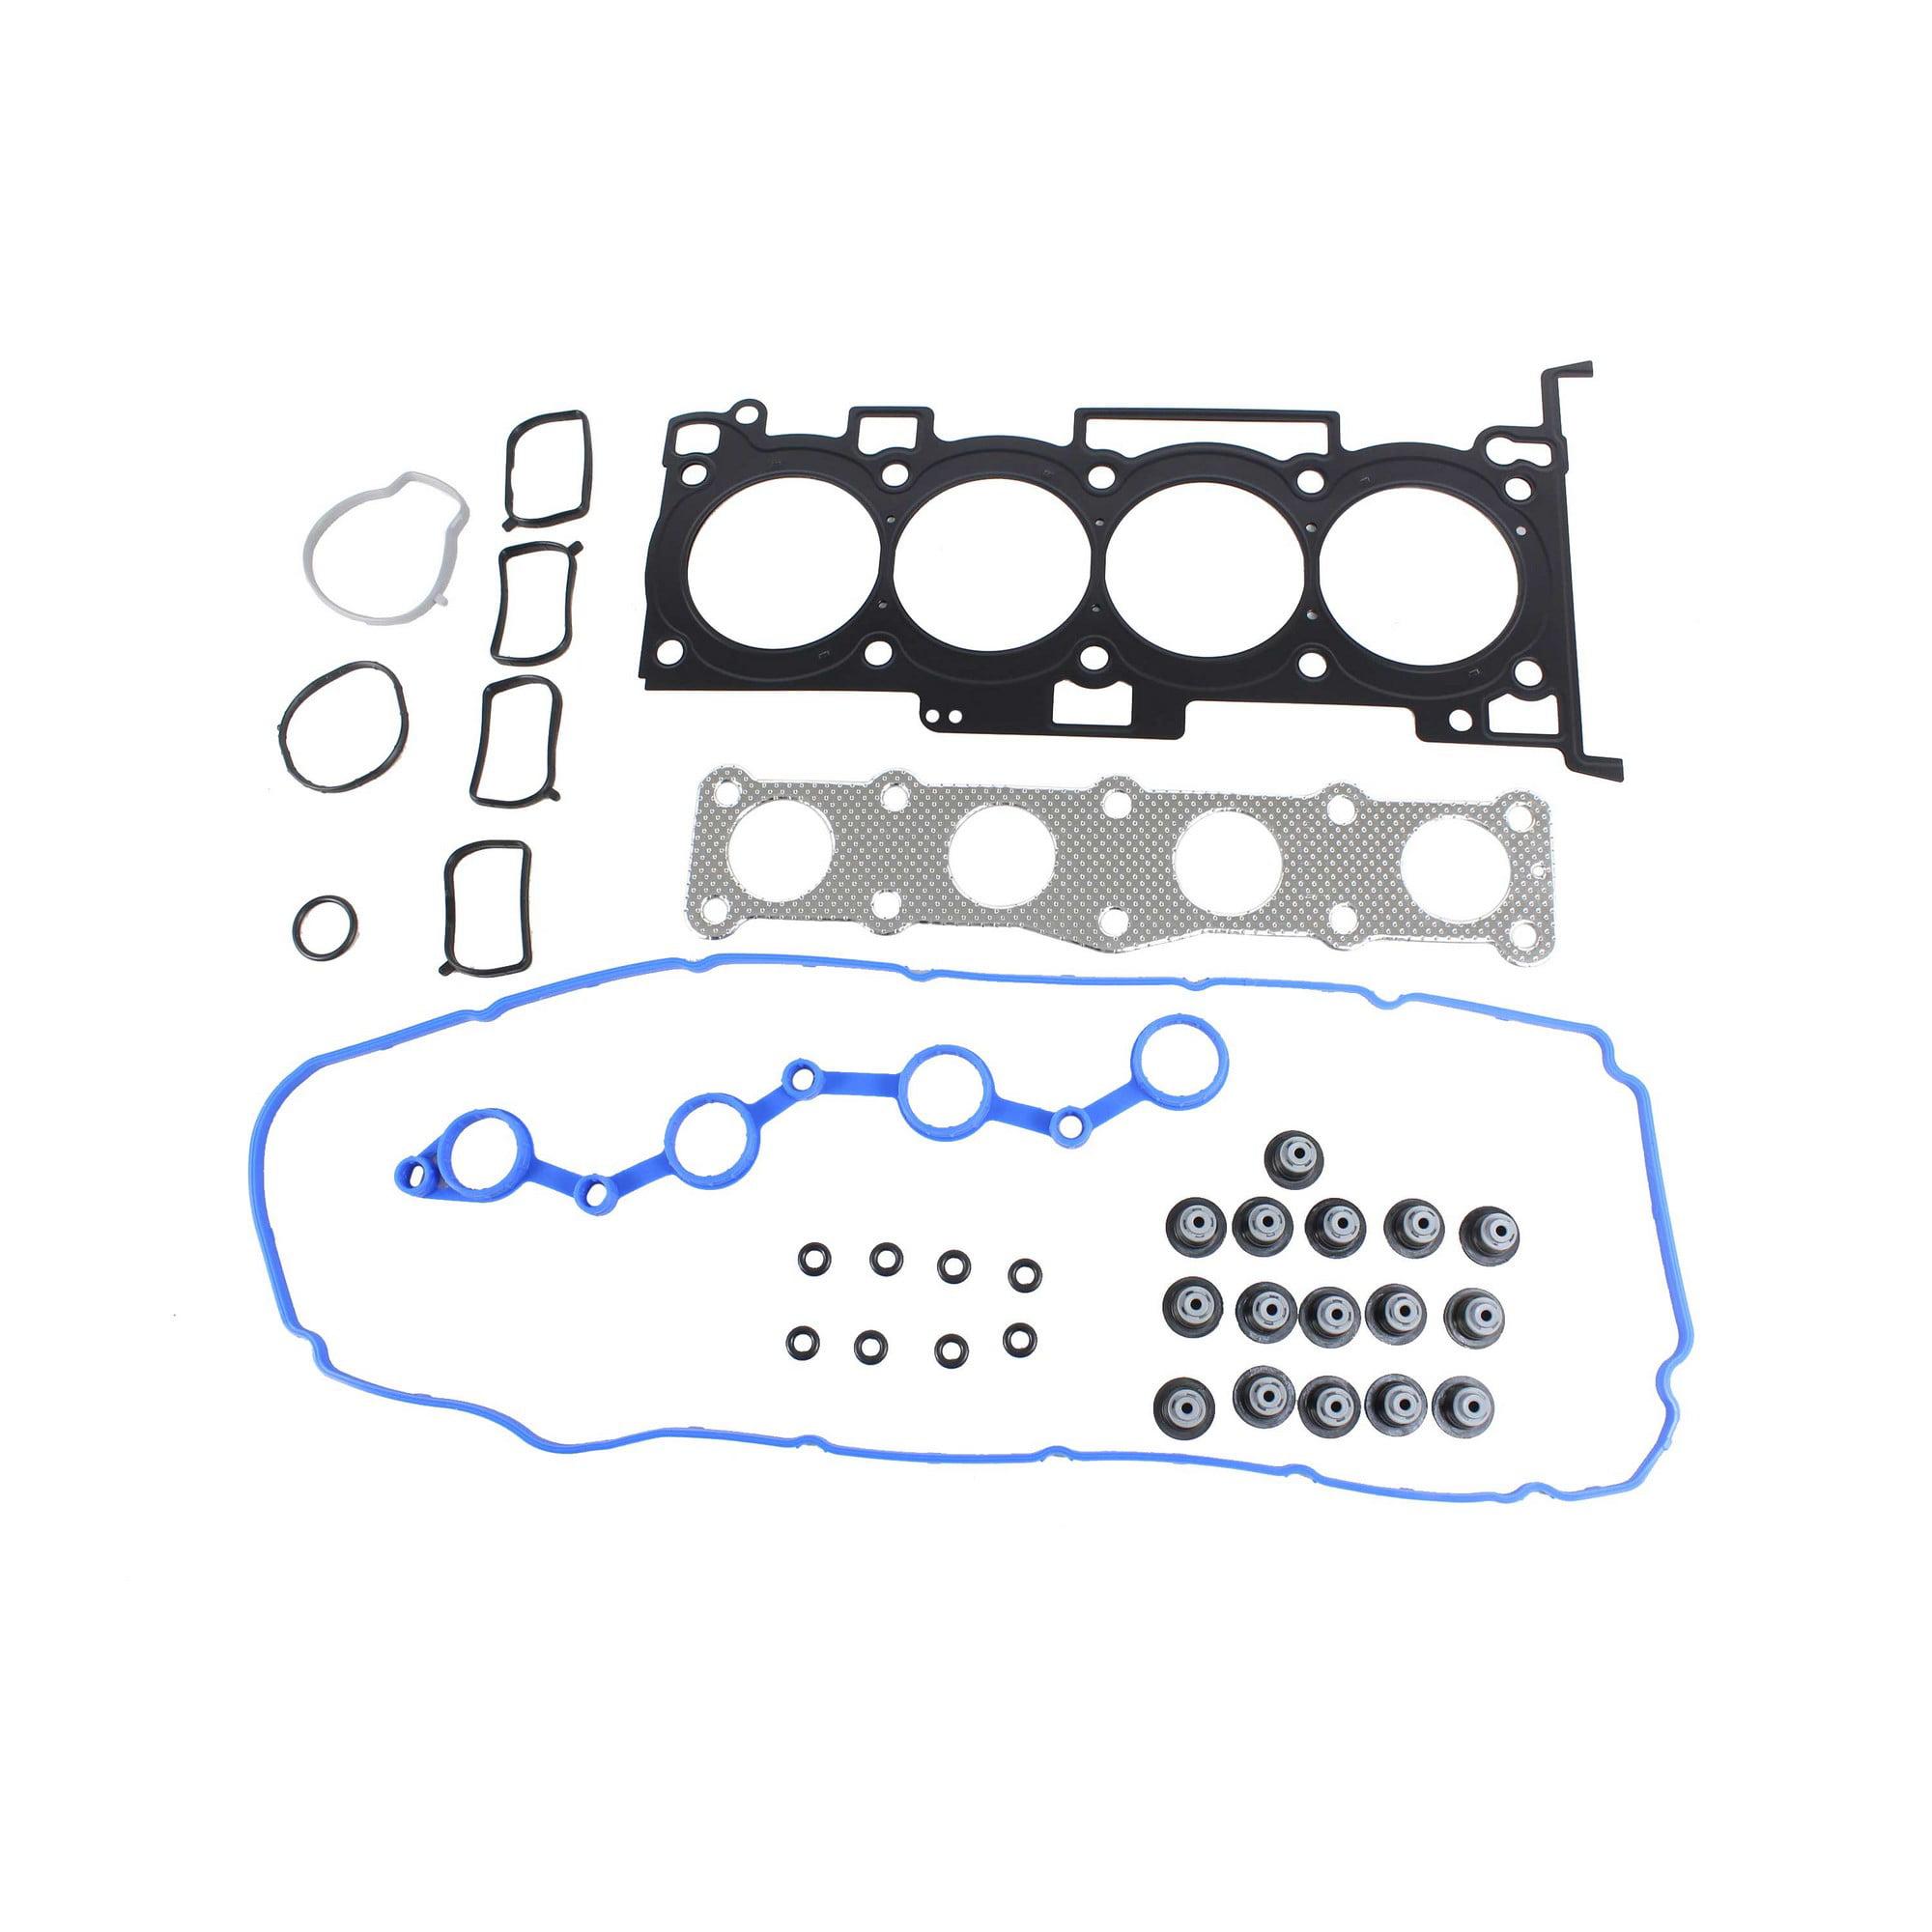 DNJ HGS181 MLS Head Gasket Set For 09-13 Hyundai Kia 2.4L L4 DOHC 16v